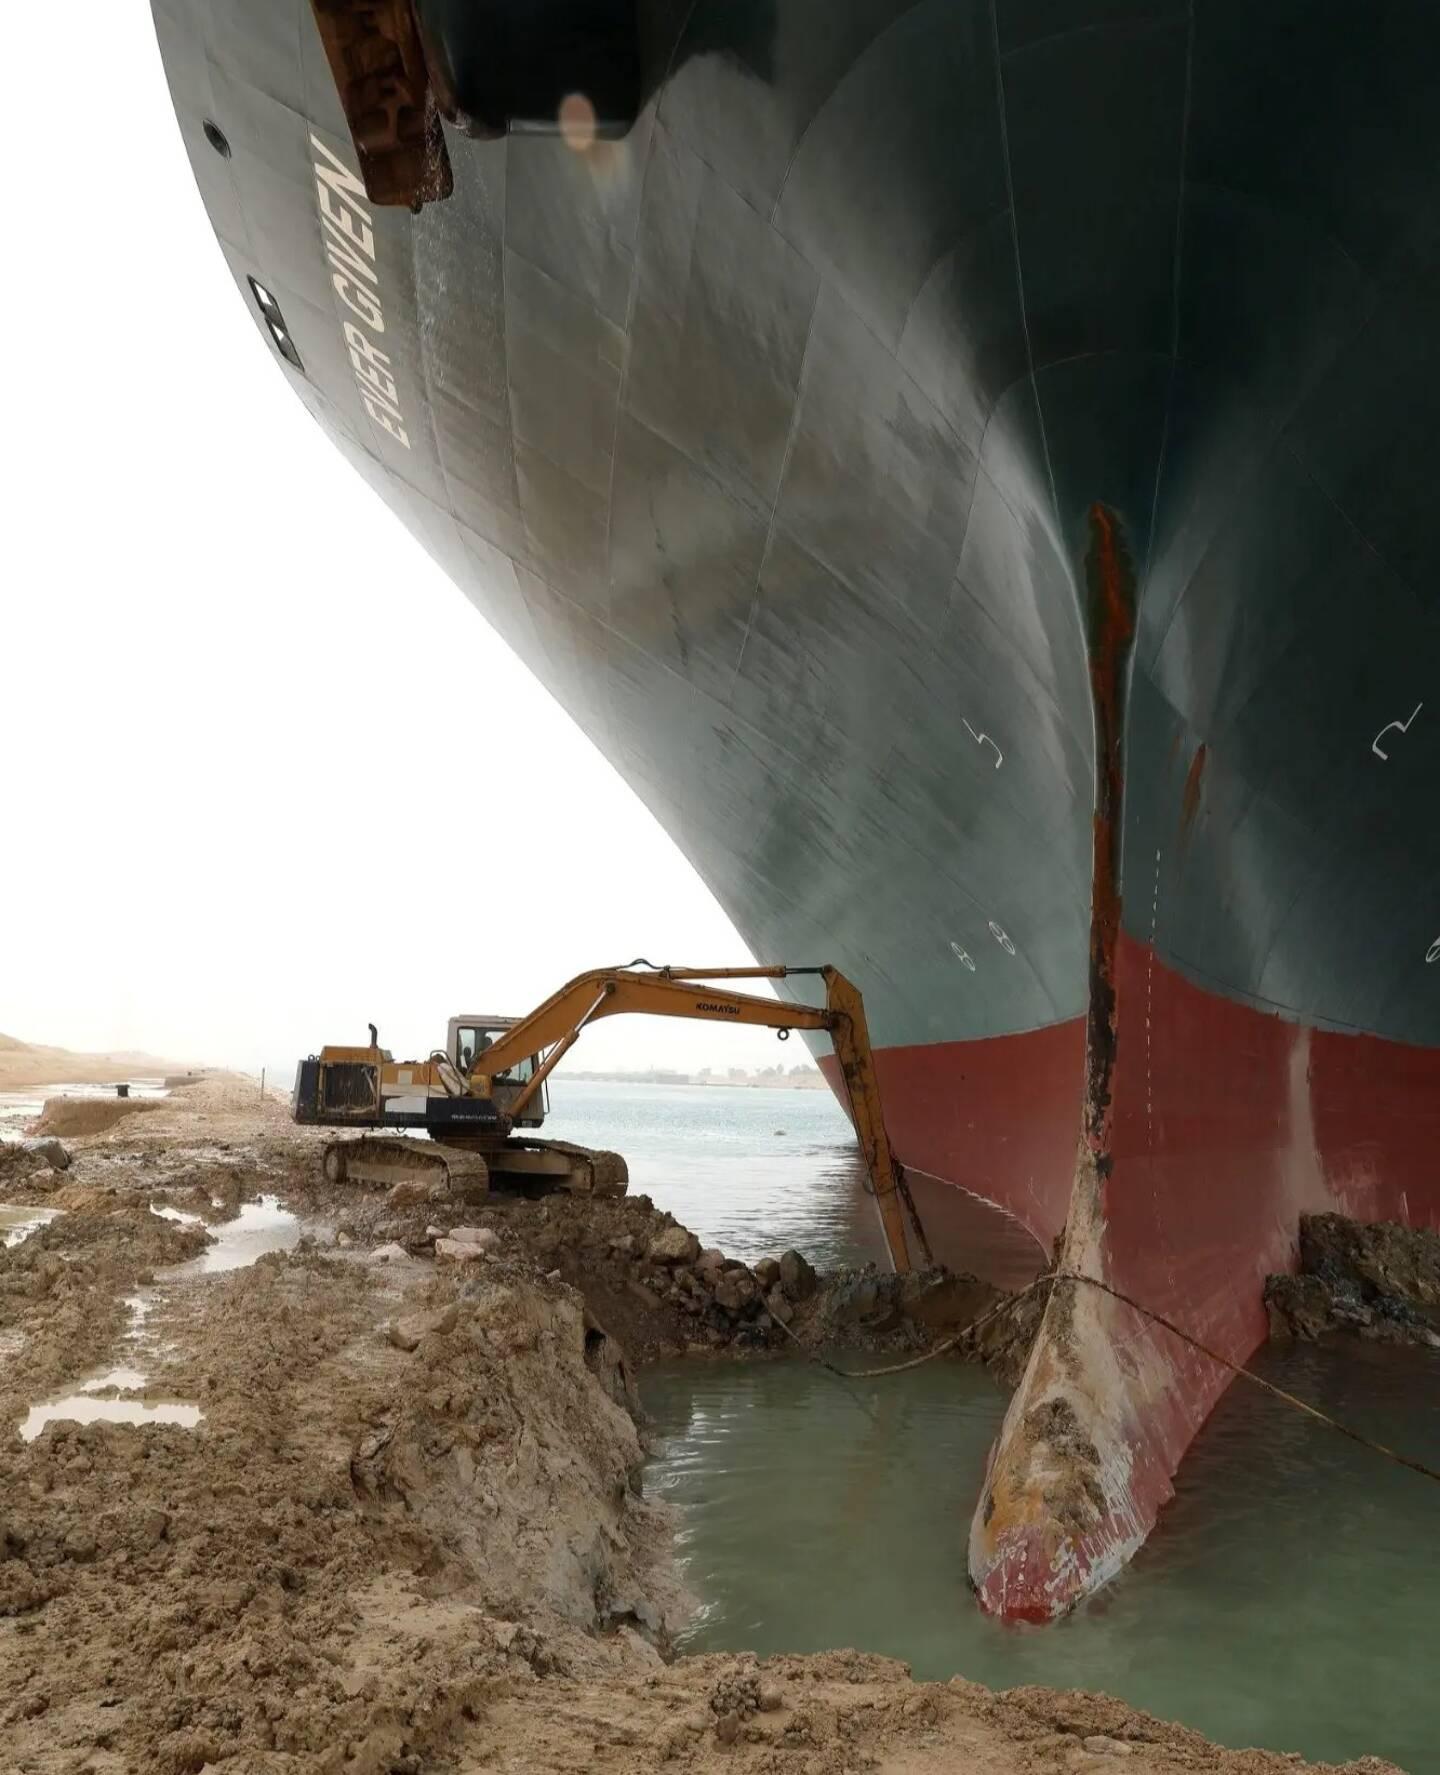 Le navire qui bloque le canal de Suez.